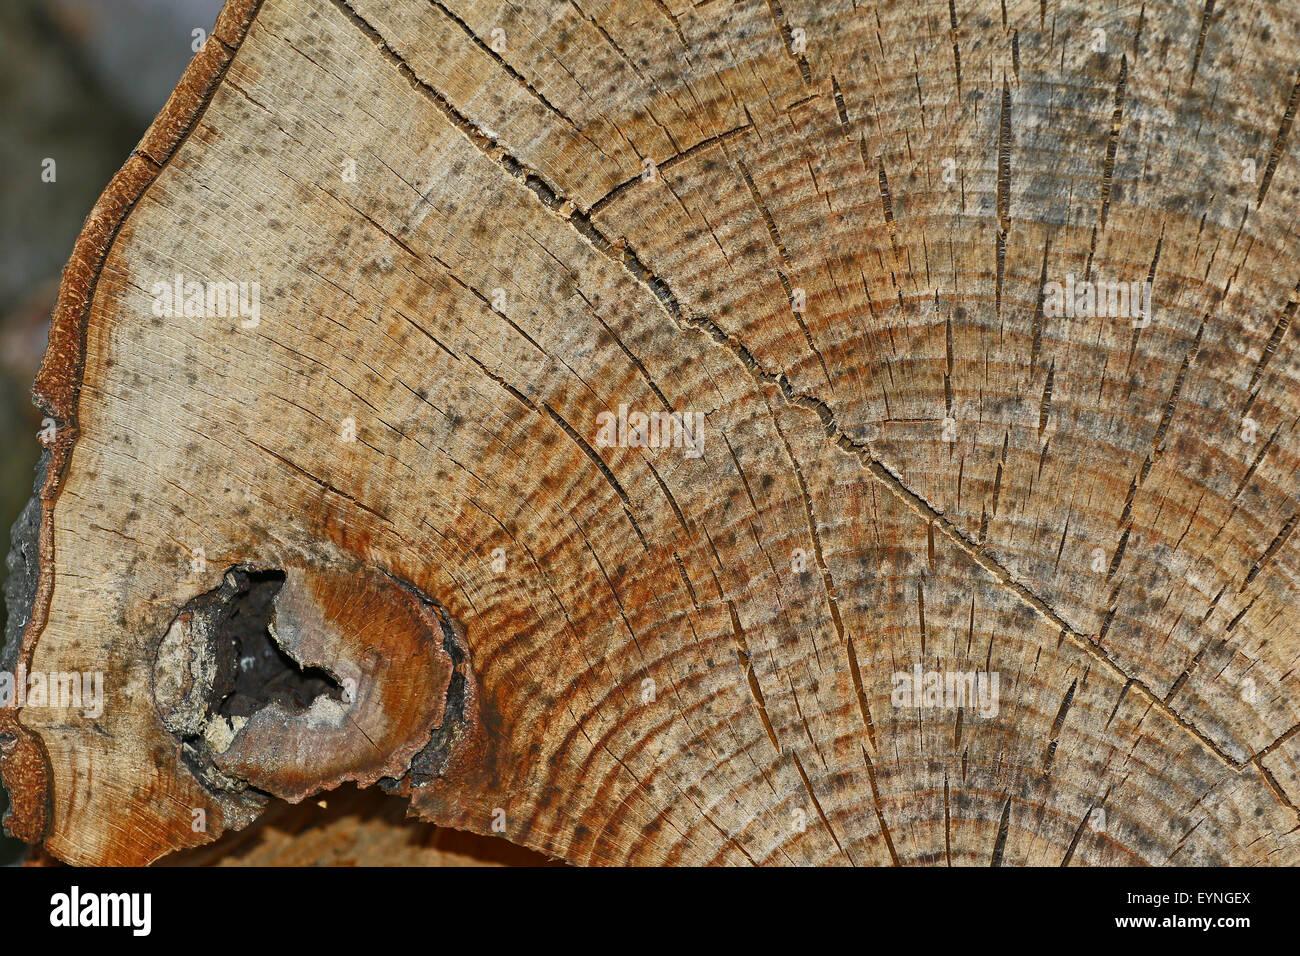 Un unique vieille, section de bois avec anneaux fendus et étonnante texture détaillées pour les fonds. Photo Stock